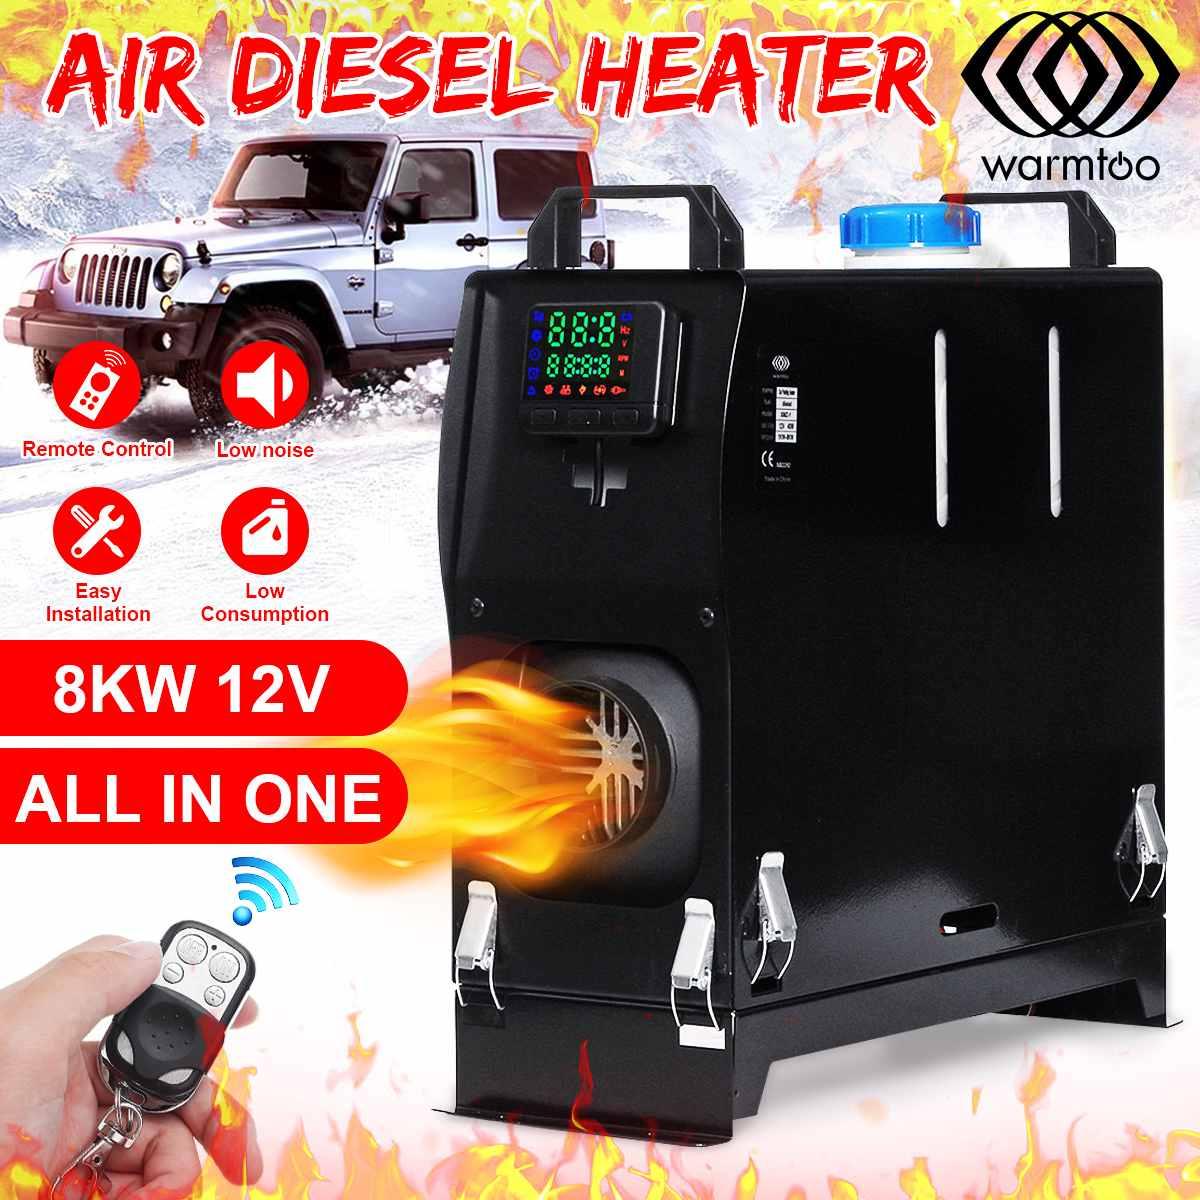 8 кВт 12 в автомобильный обогреватель все в одном ЖК монитор дизельное воздушное Отопление вспомогательная нагревательная машина нагреватель для дома на колесах грузовики лодки|Обогрев и вентиляторы|   | АлиЭкспресс